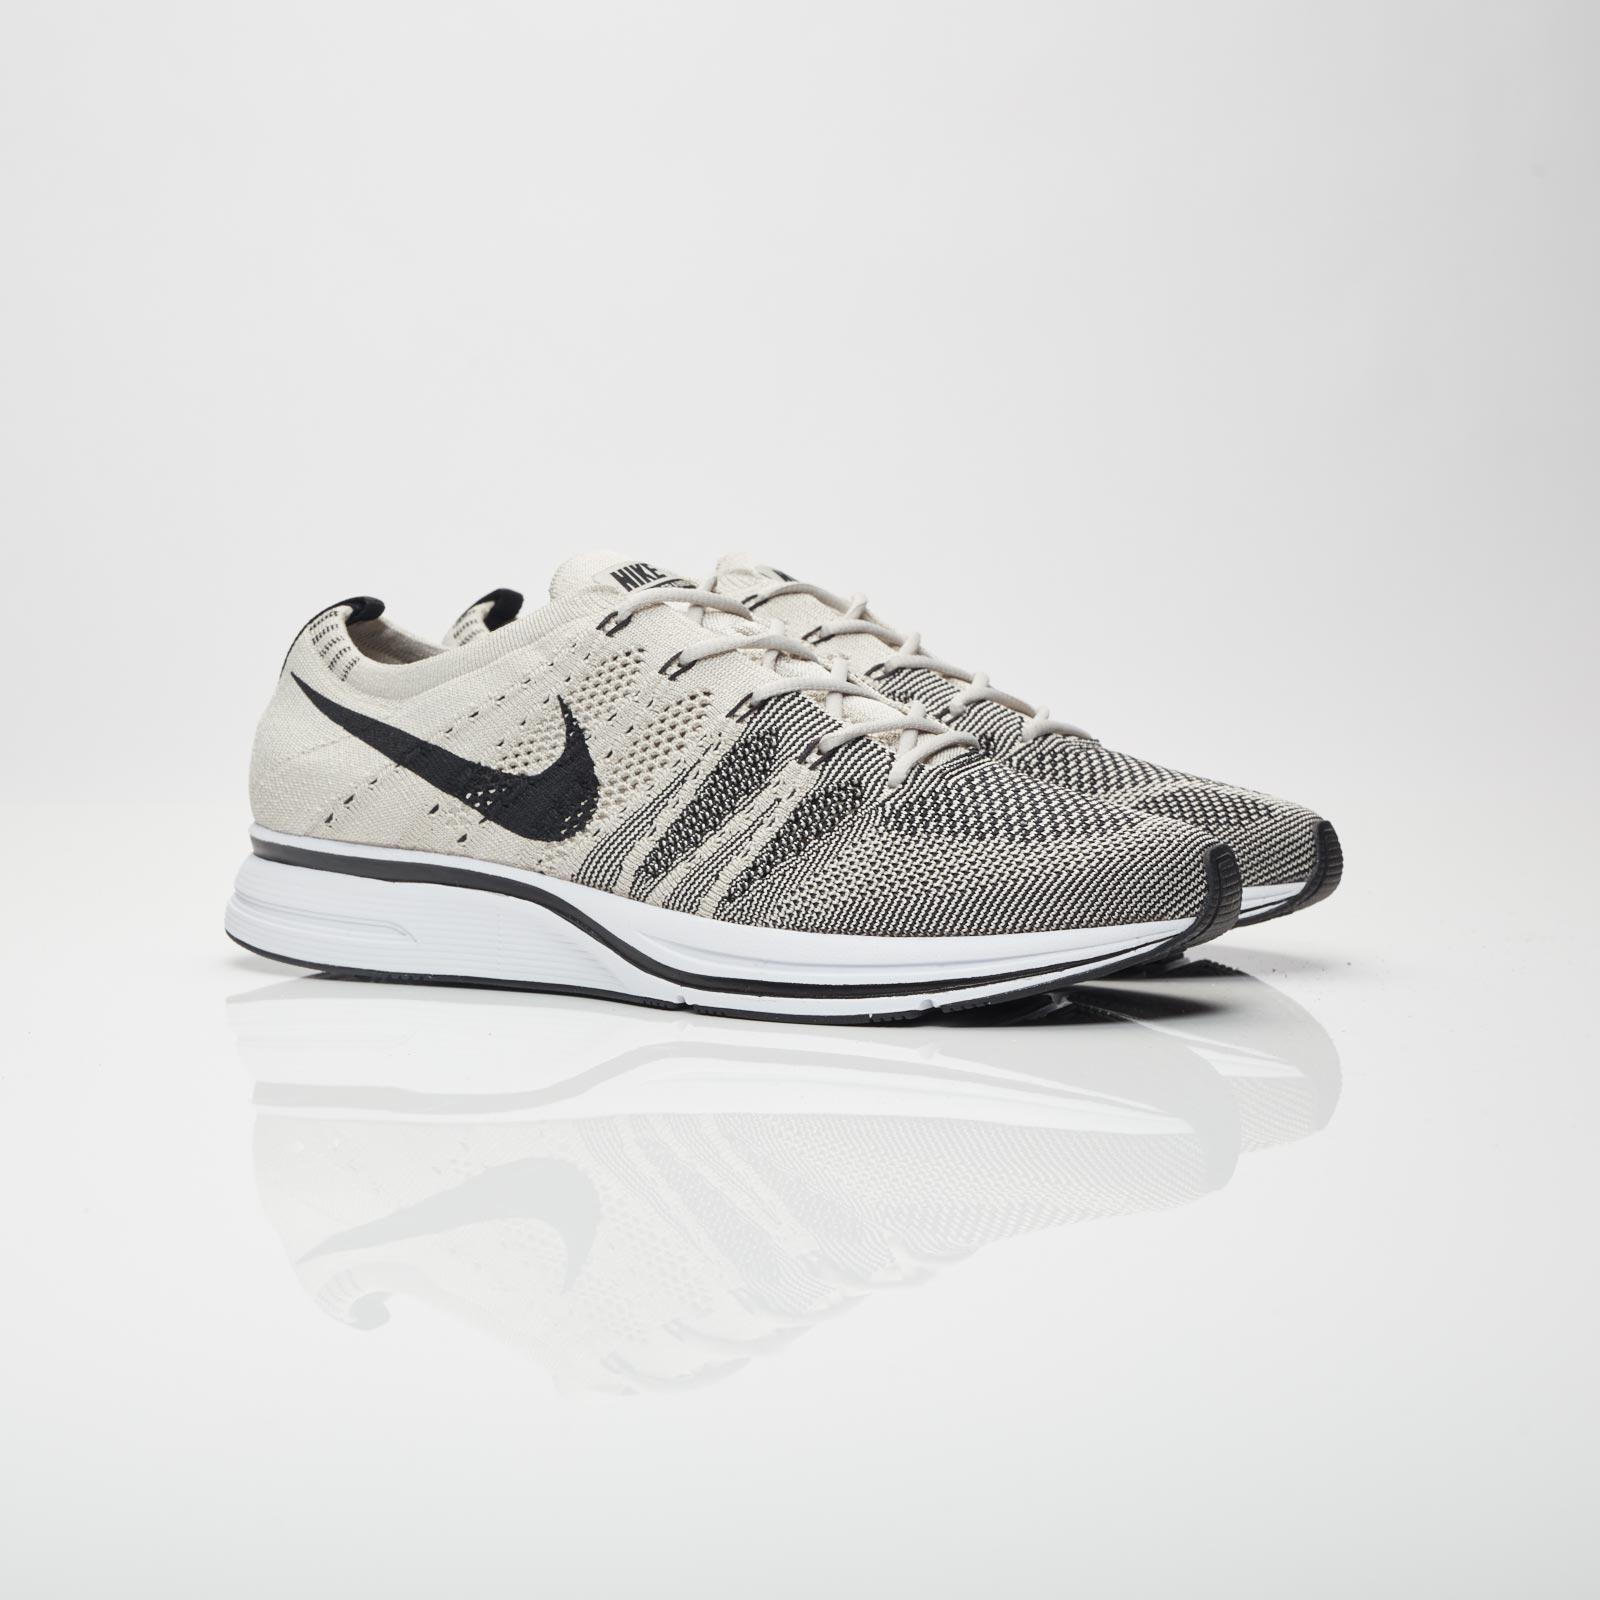 d081fab61d46 Nike Flyknit Trainer - Ah8396-001 - Sneakersnstuff